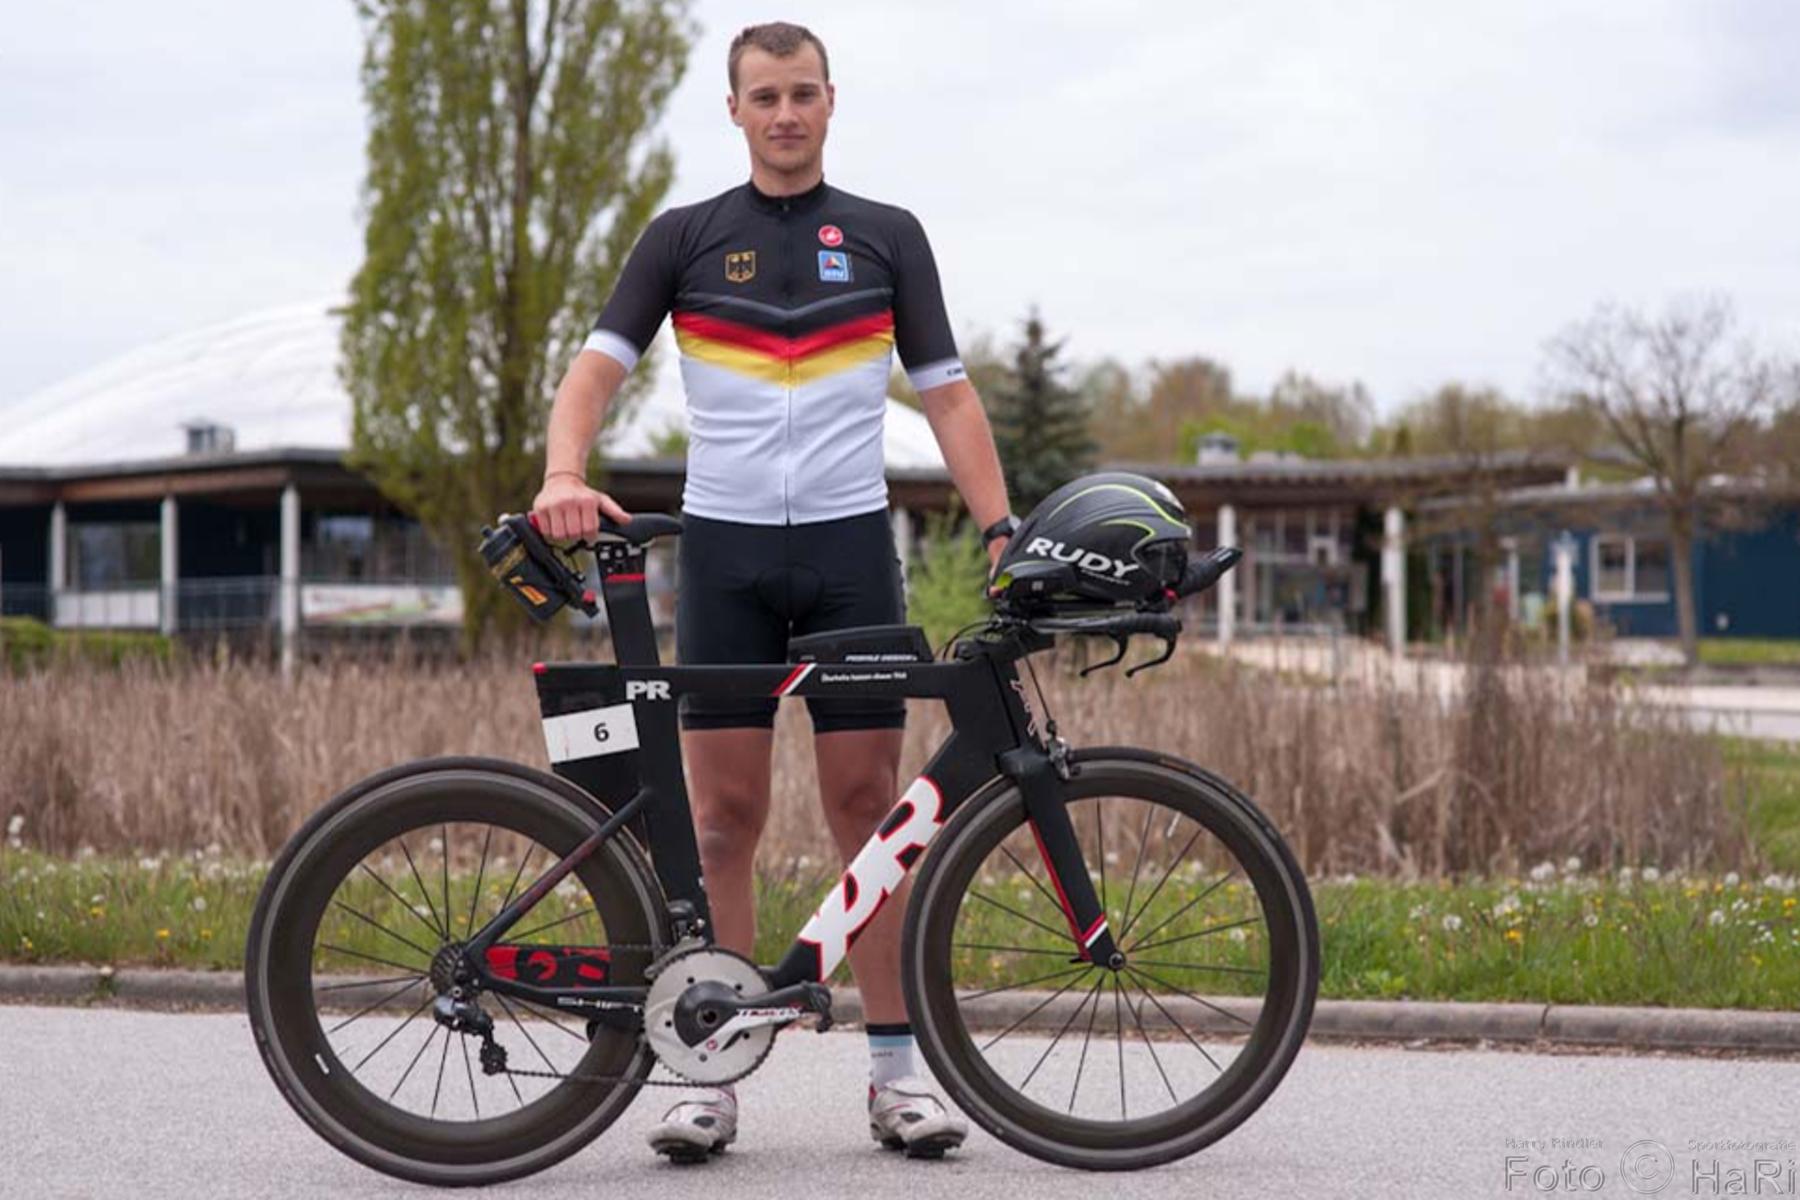 Grünes Licht für Christopher und die Triathlon-Challenge